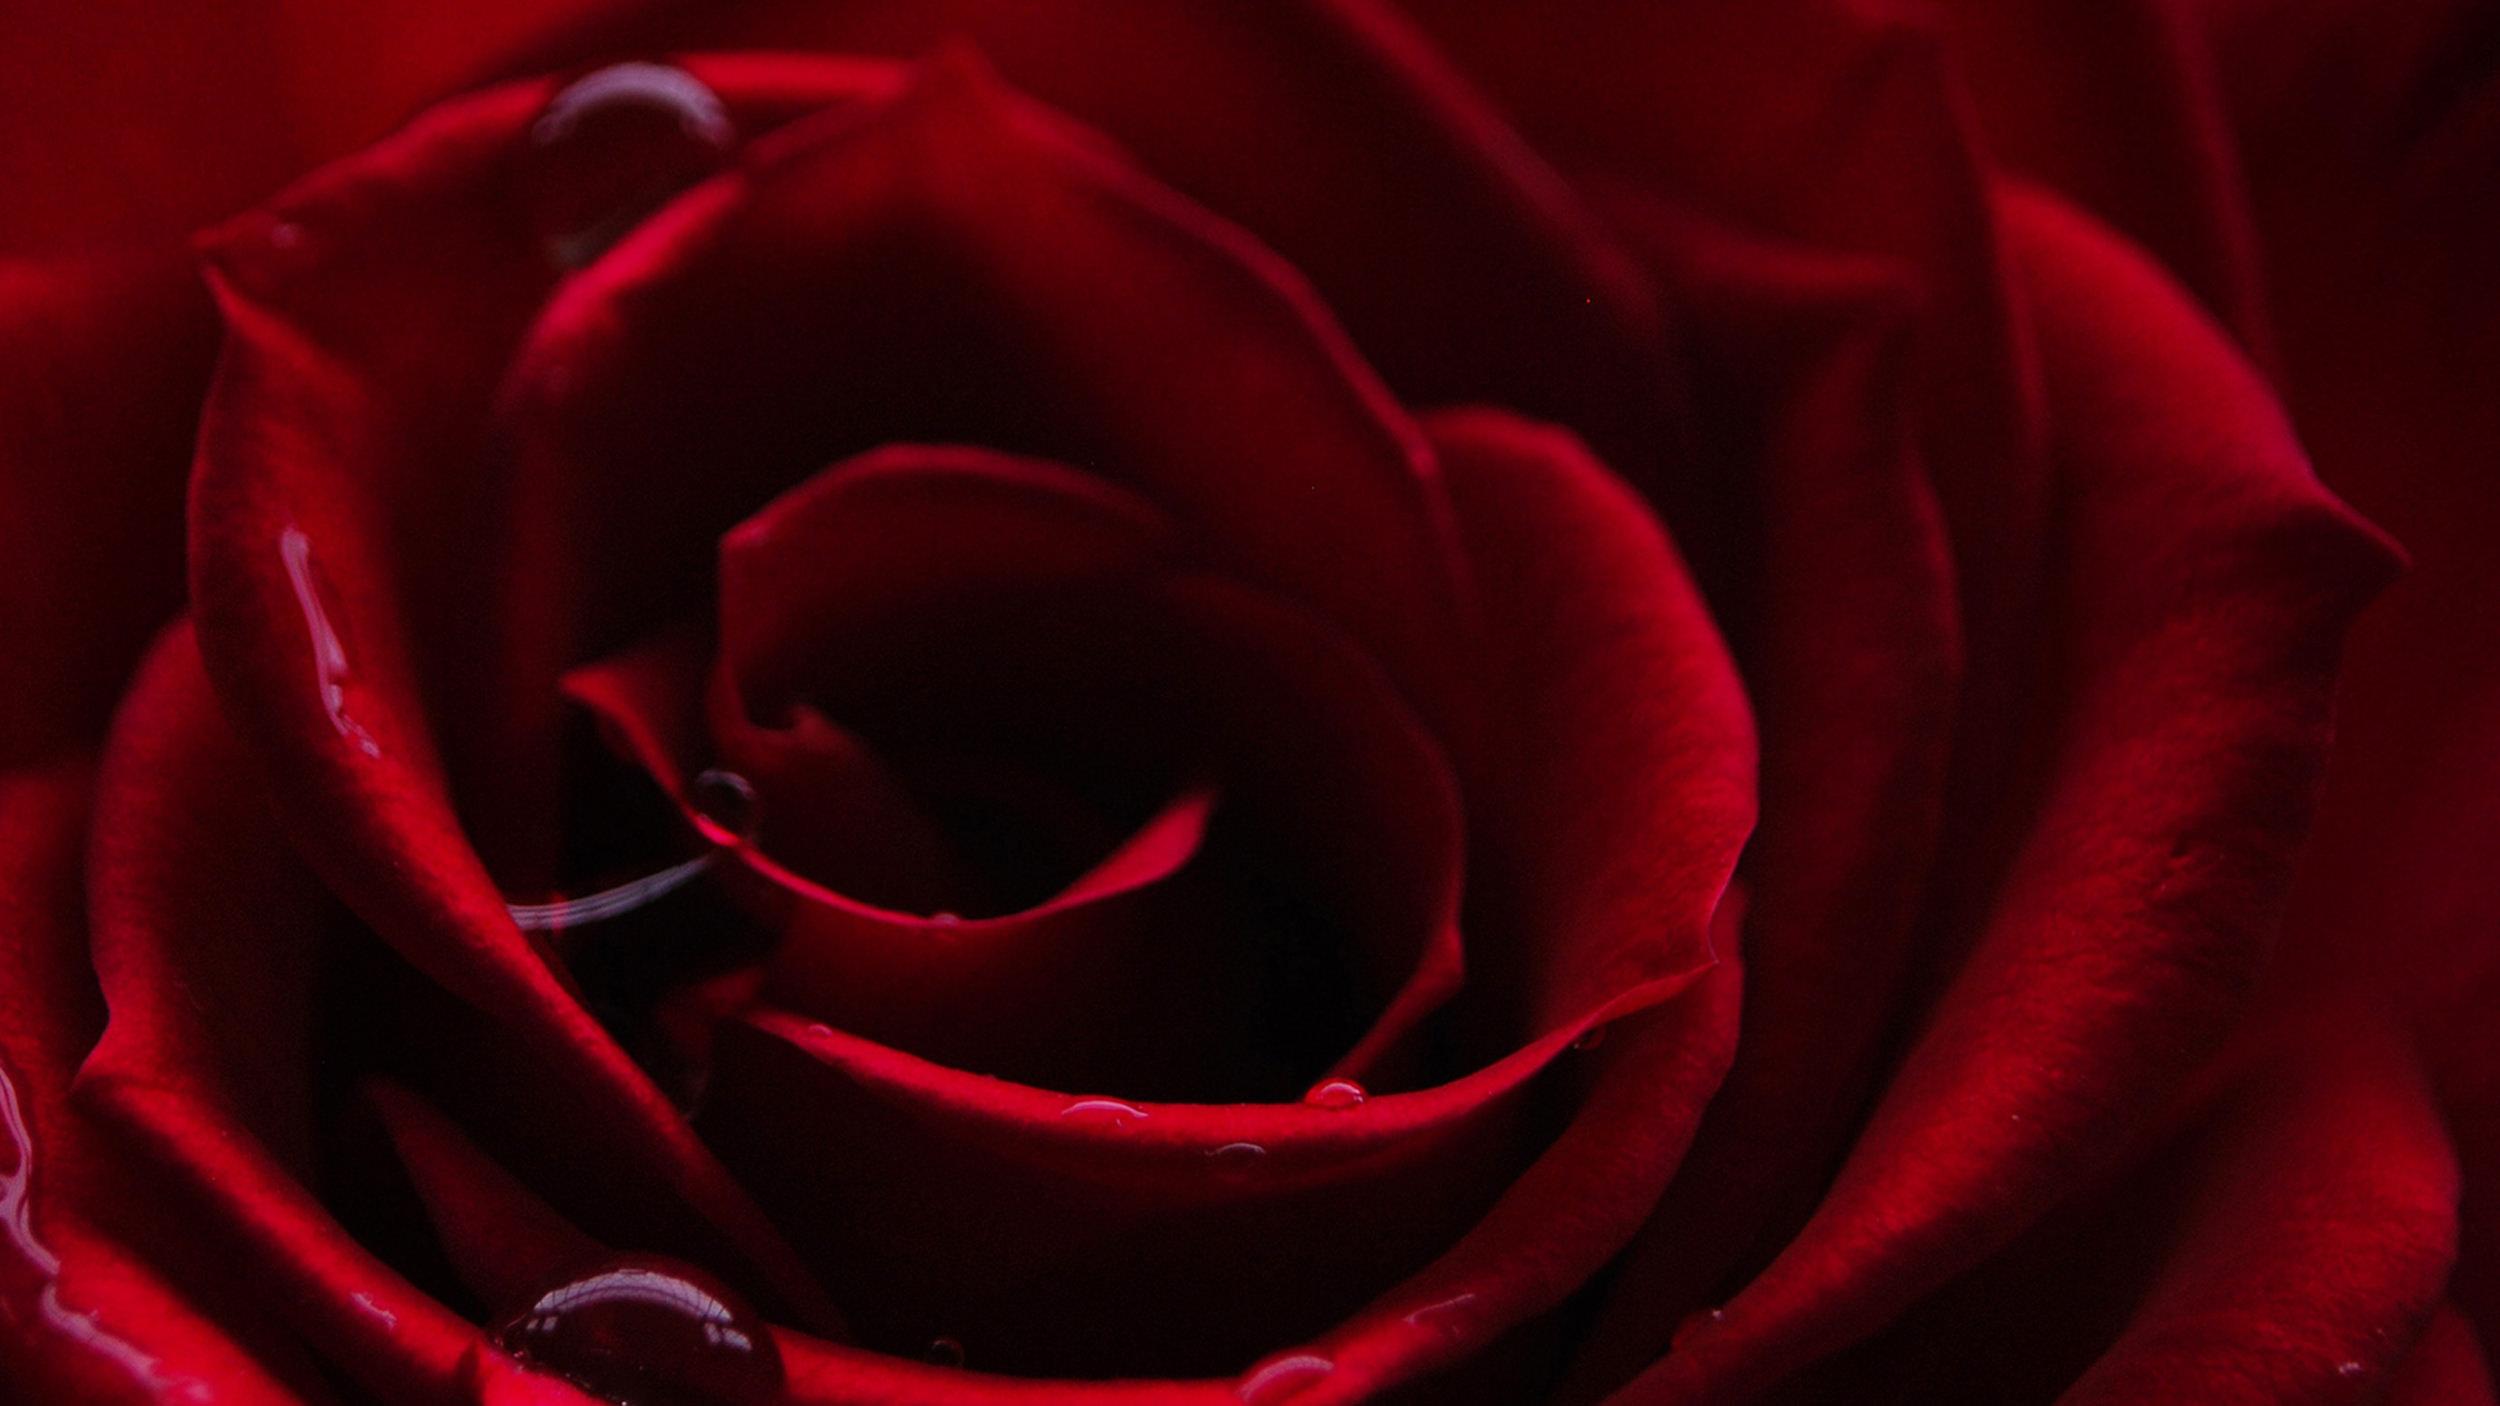 La rose rouge   : symbole de passion.